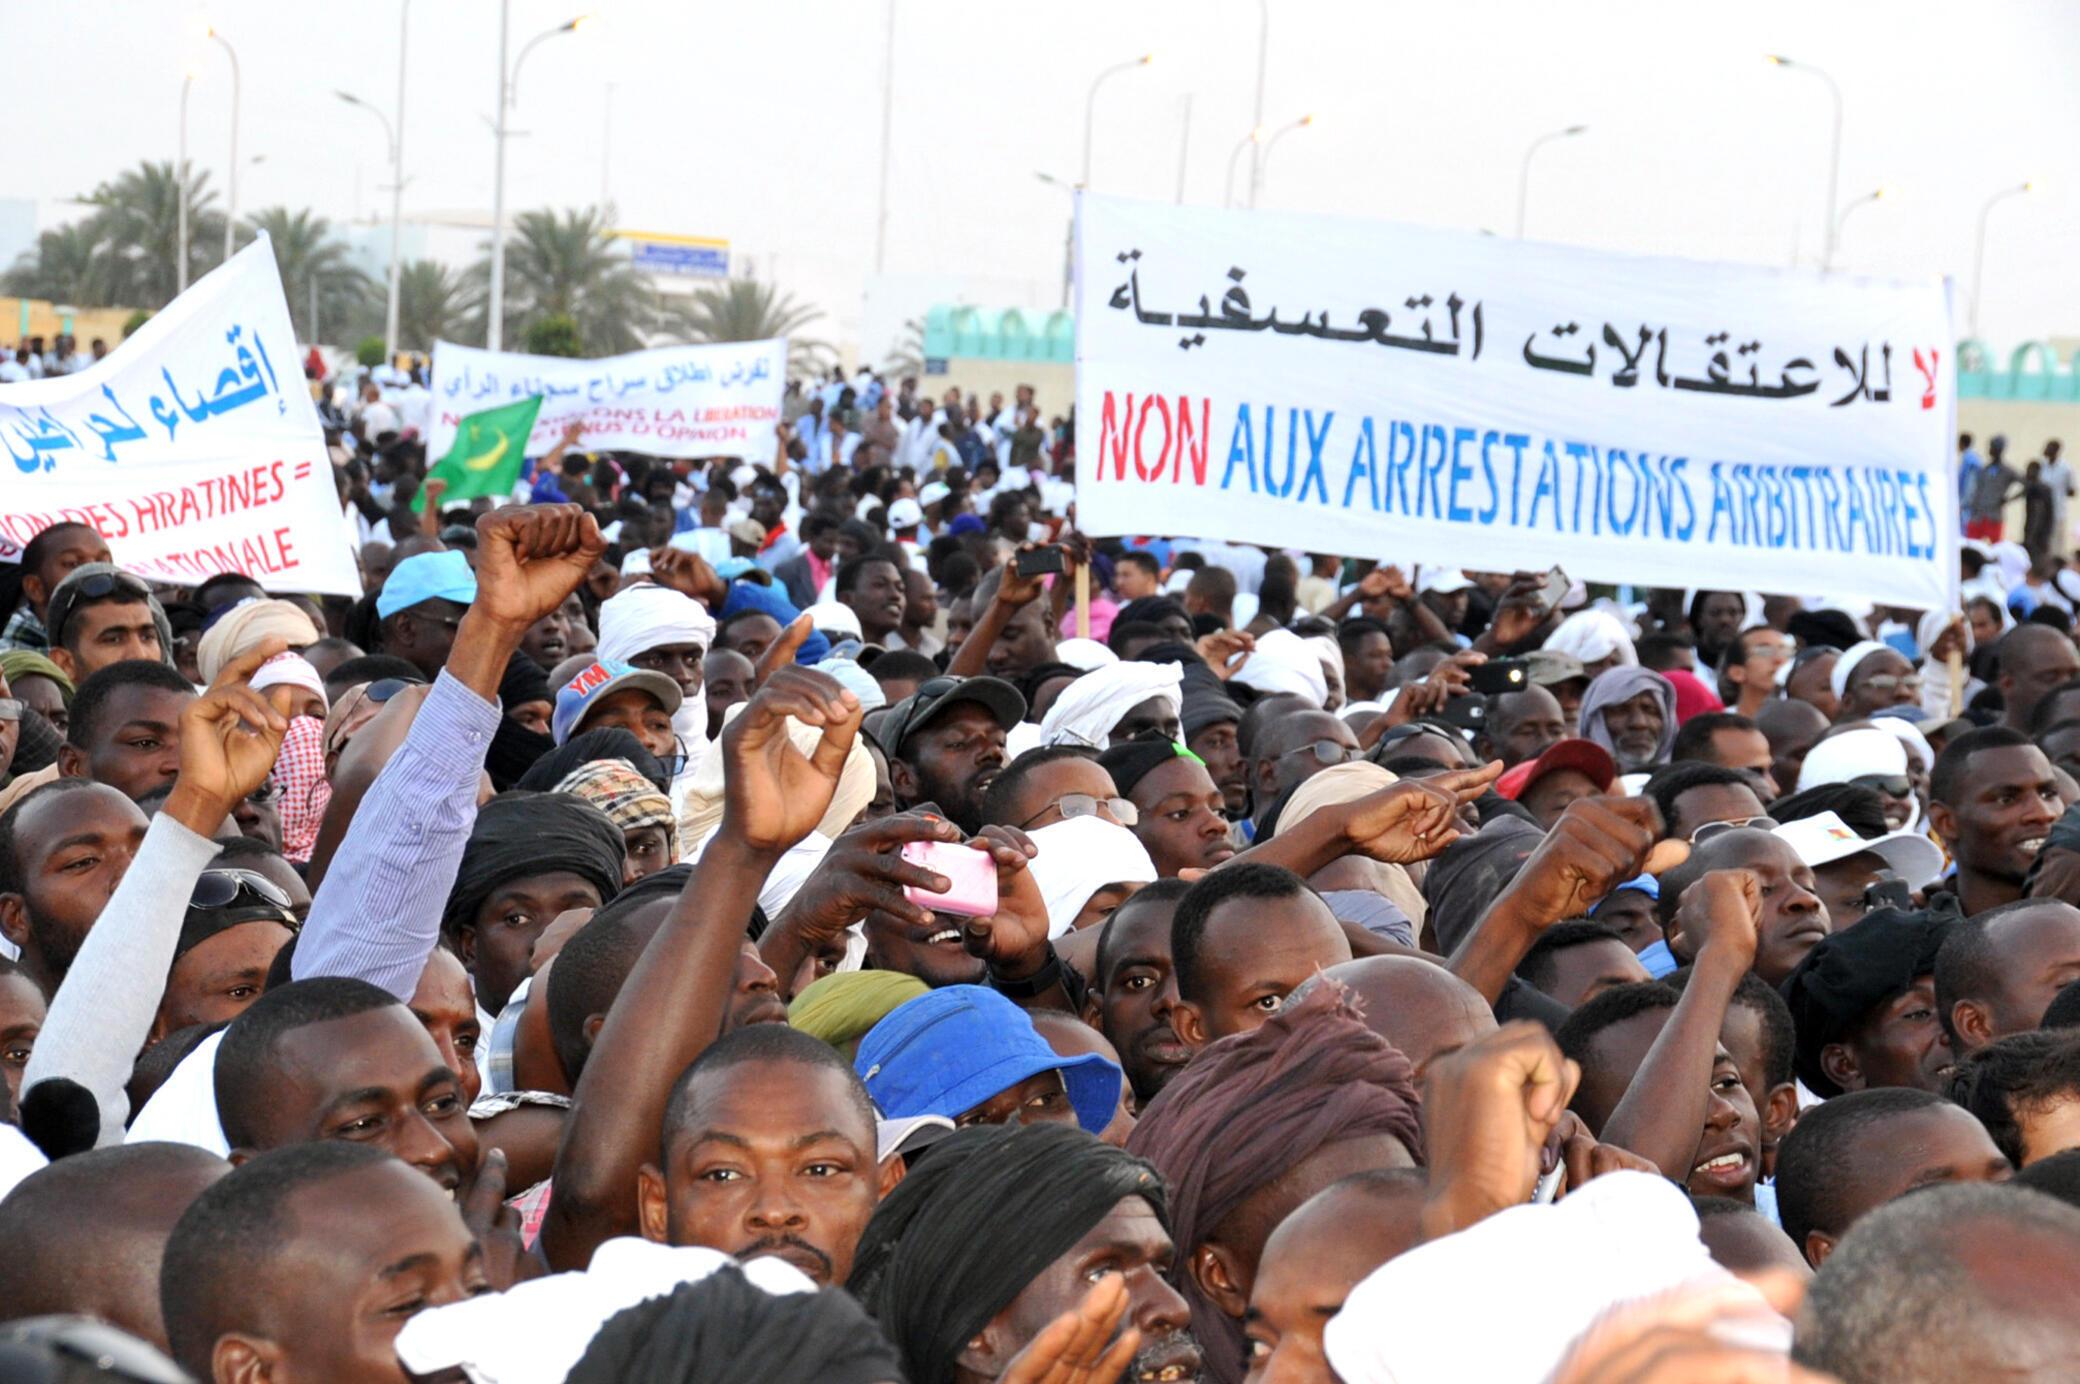 Manifestation contre les arrestations arbitraires, les discriminations et l'esclavage,  à Nouakchott le 29 avril 2015.